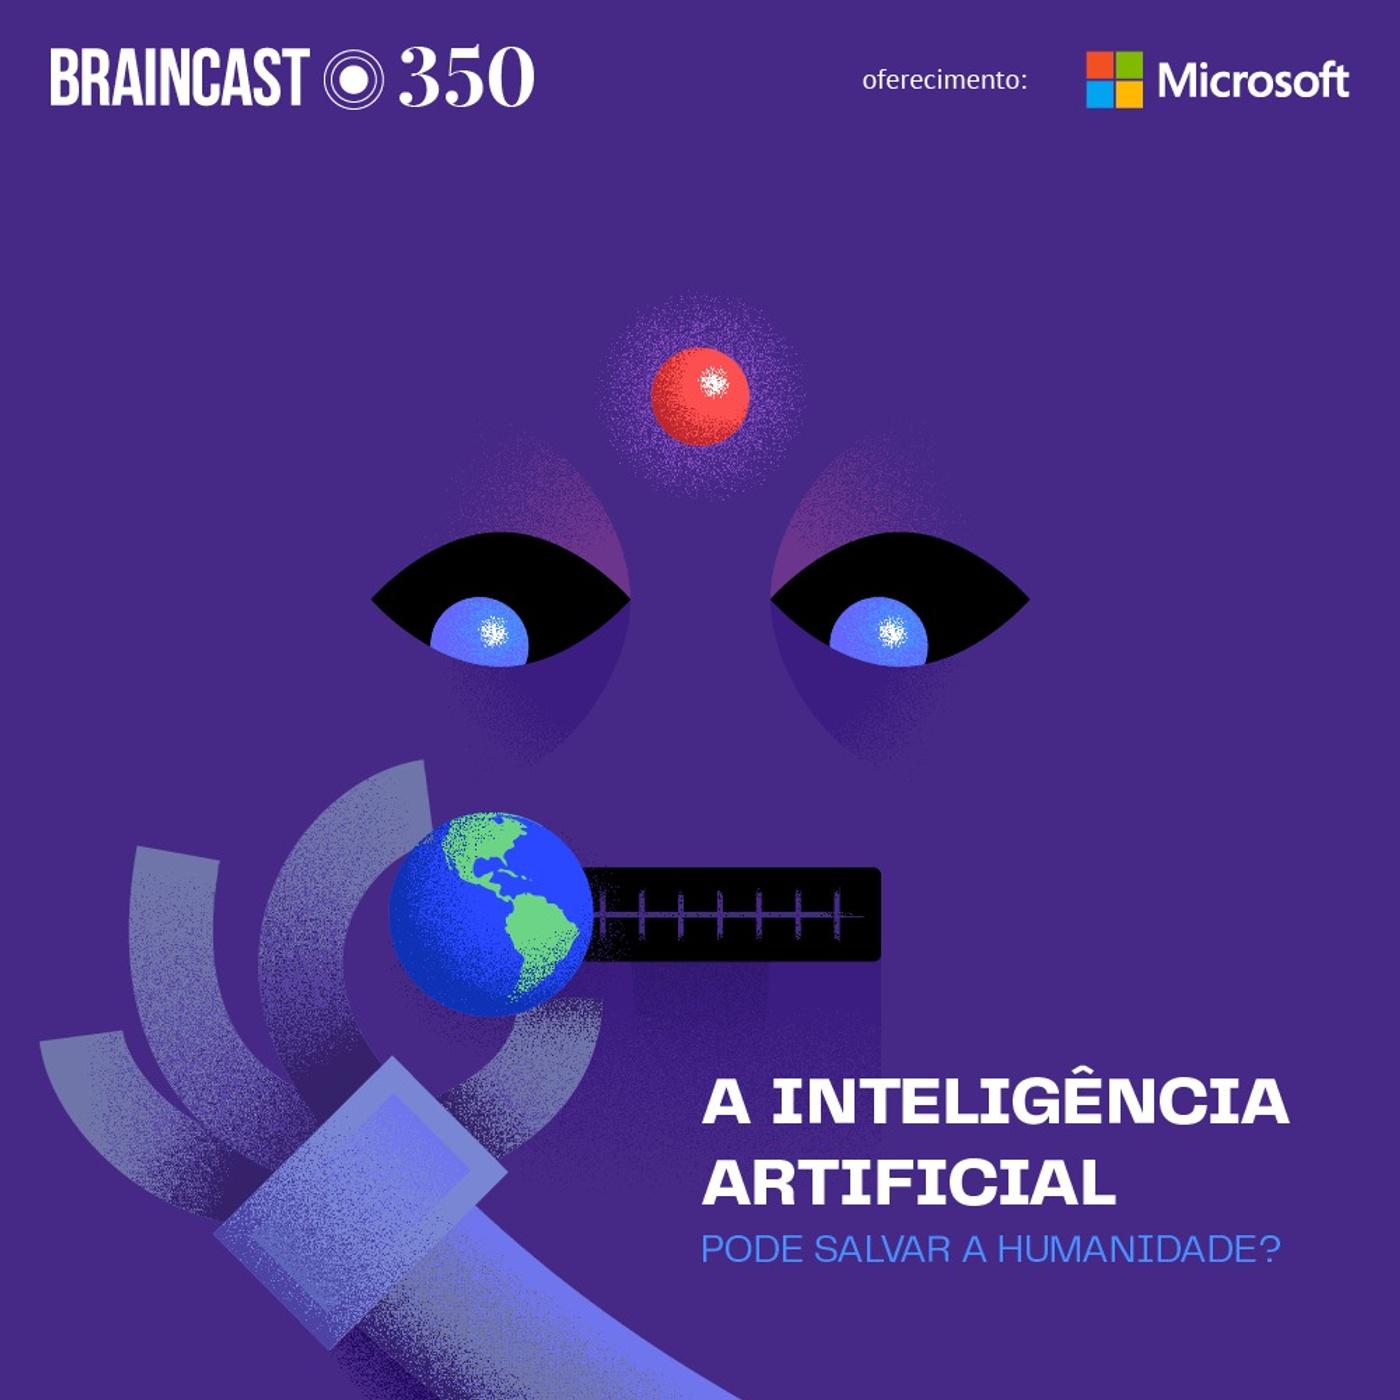 A inteligência artificial pode salvar a humanidade?